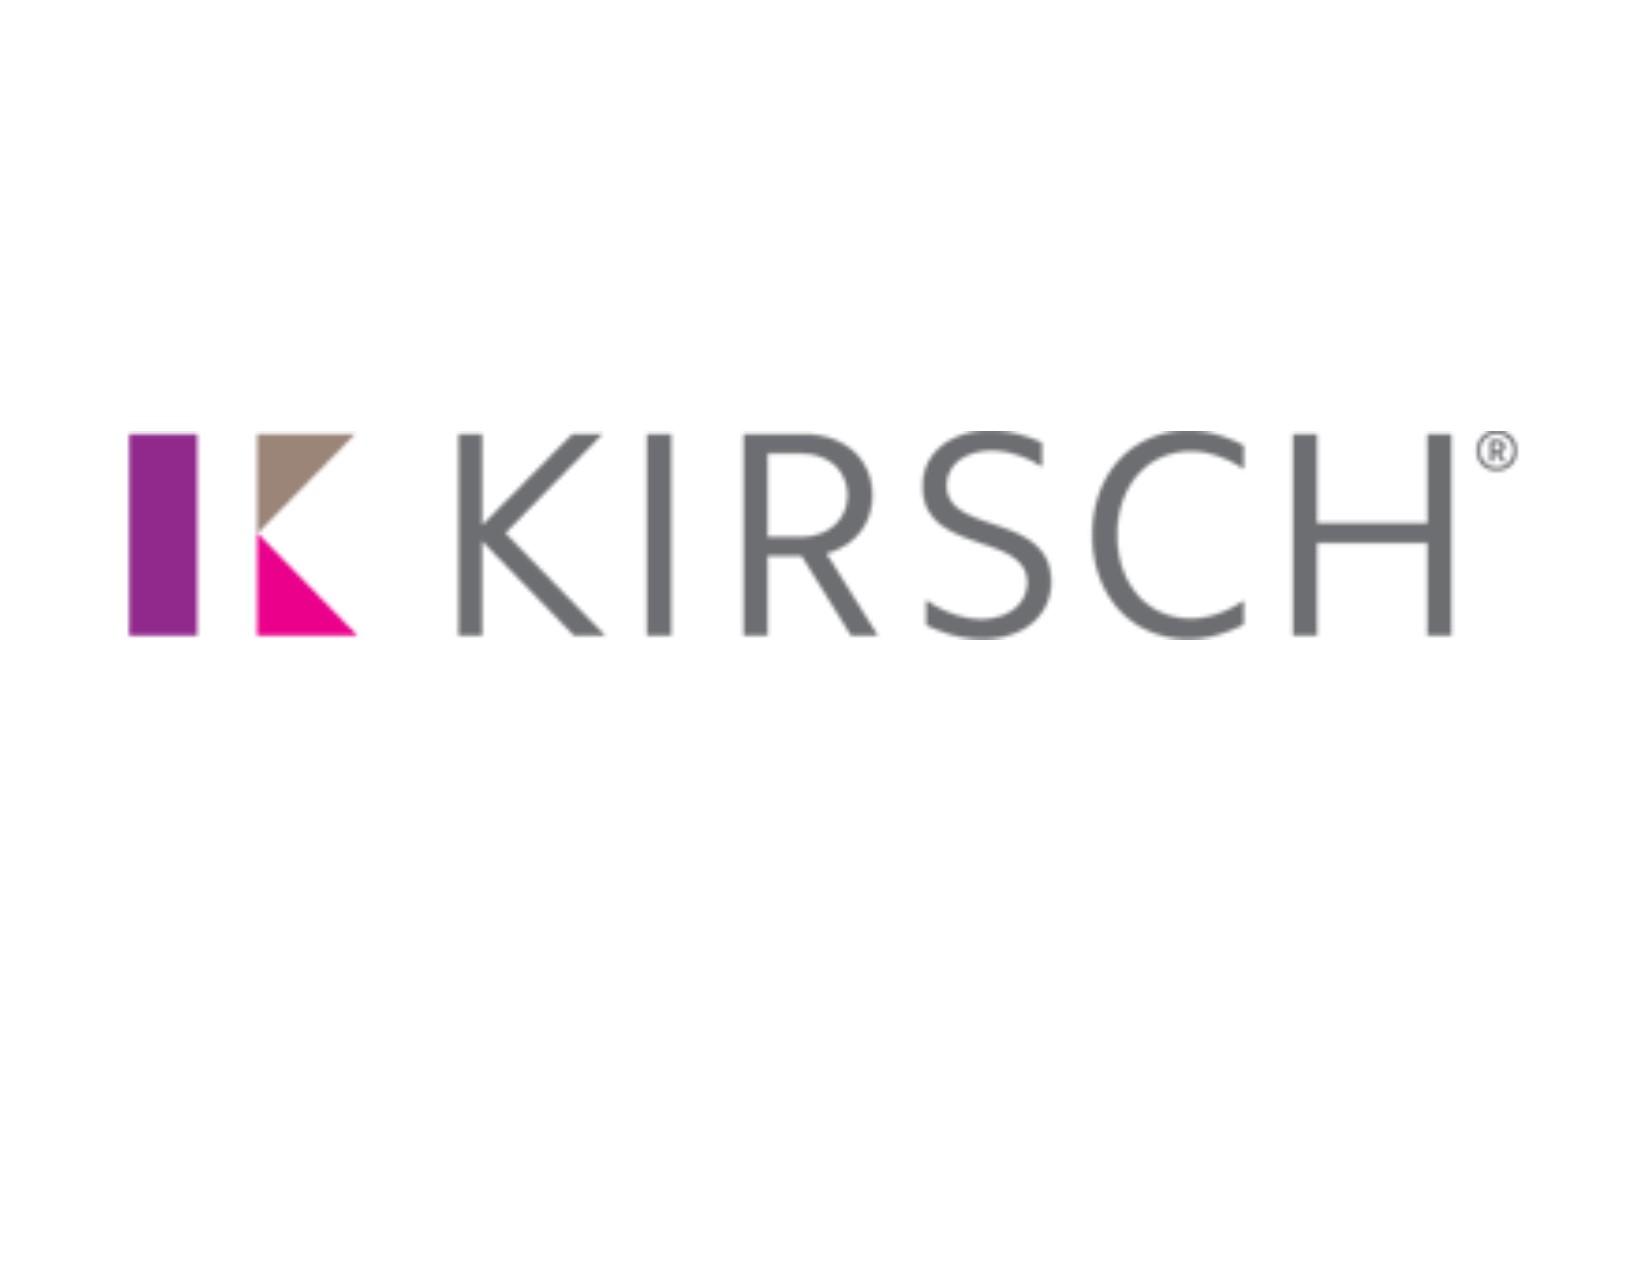 Kirsch Discontinued List 2018